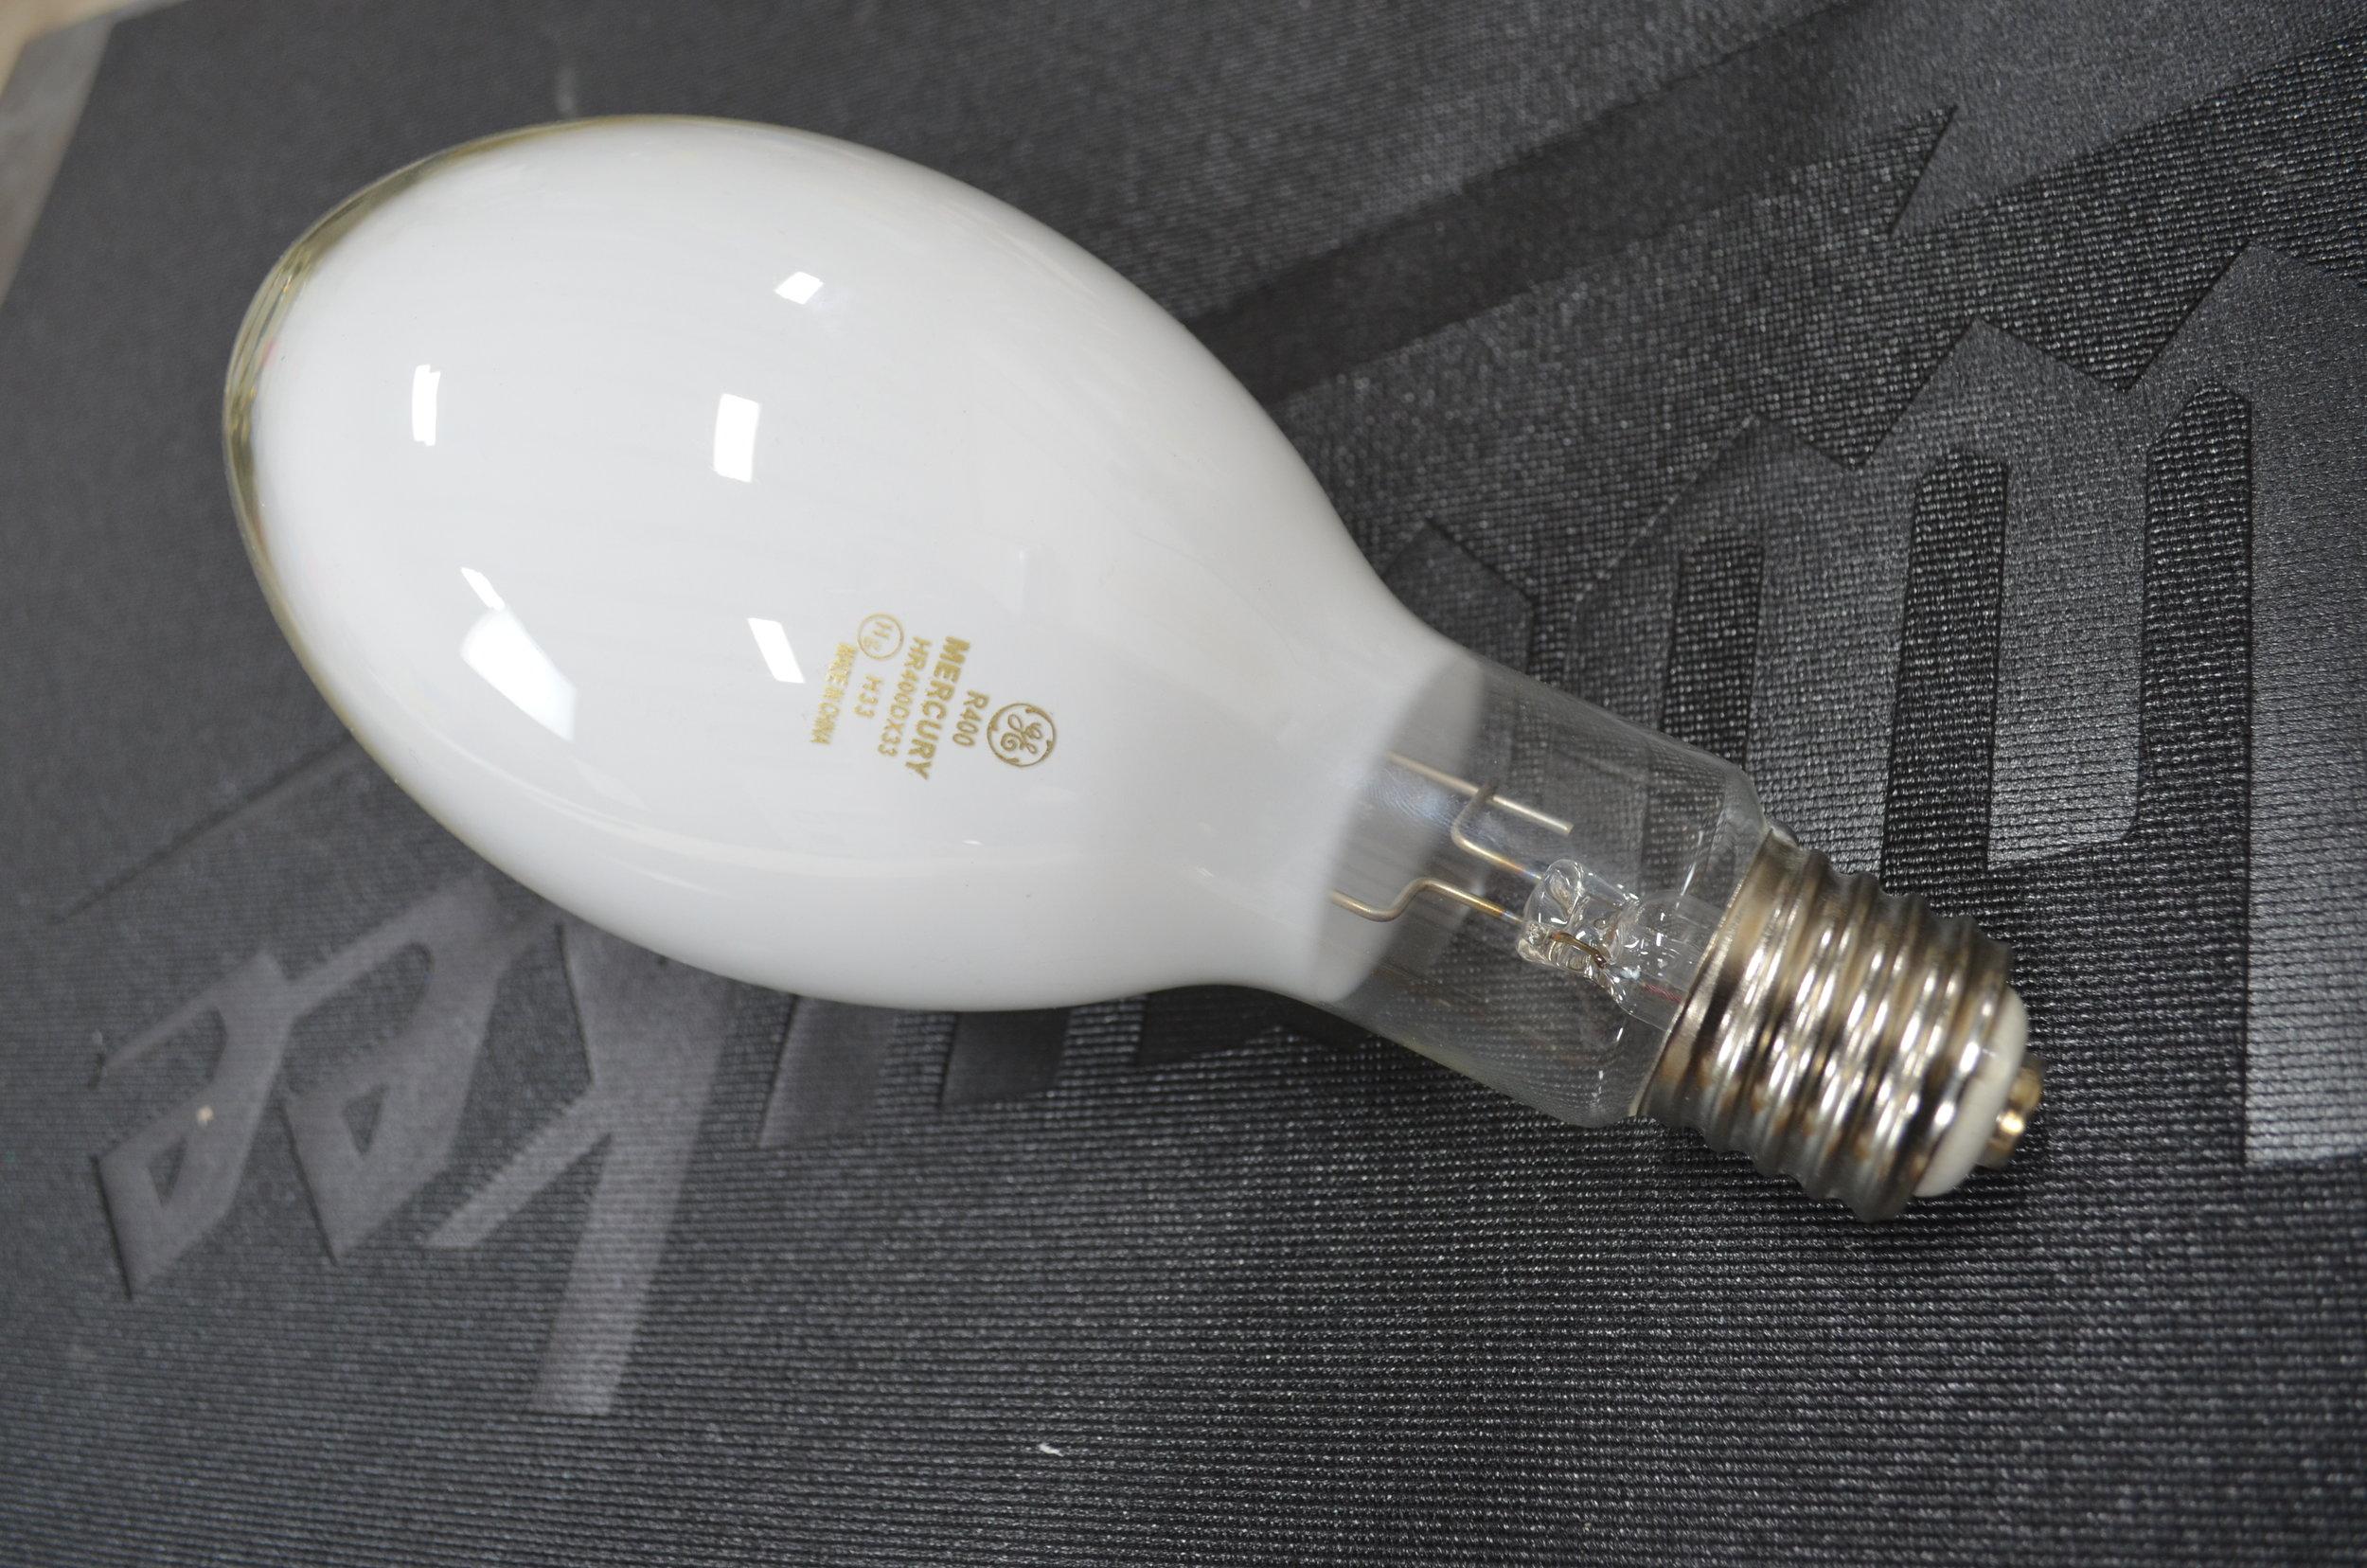 HID-mercury-vapor-mv-lamp-bulb